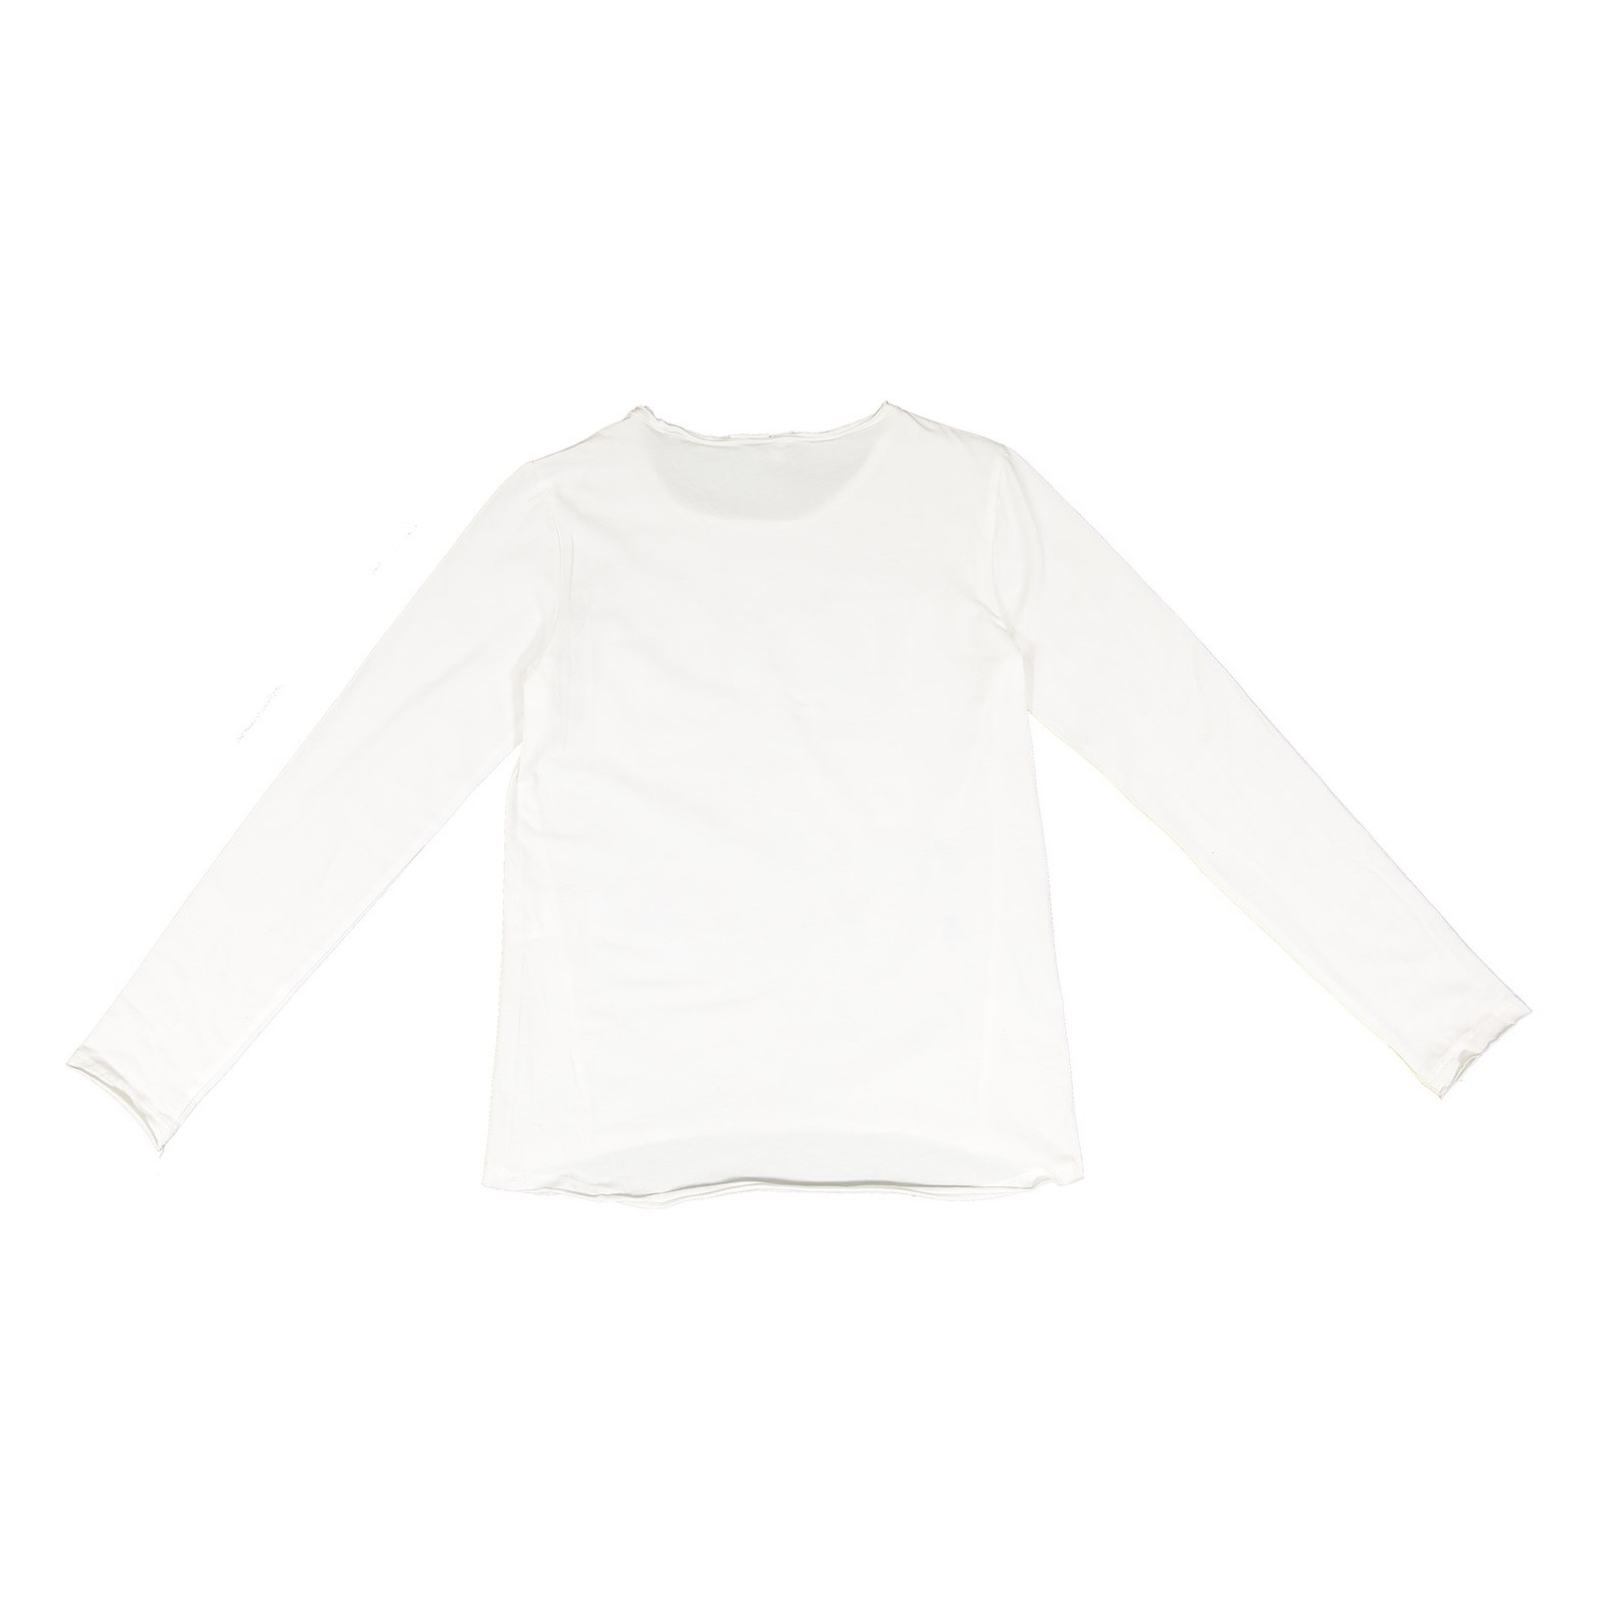 تی شرت نخی دخترانه - بلوکیدز - سفید - 2